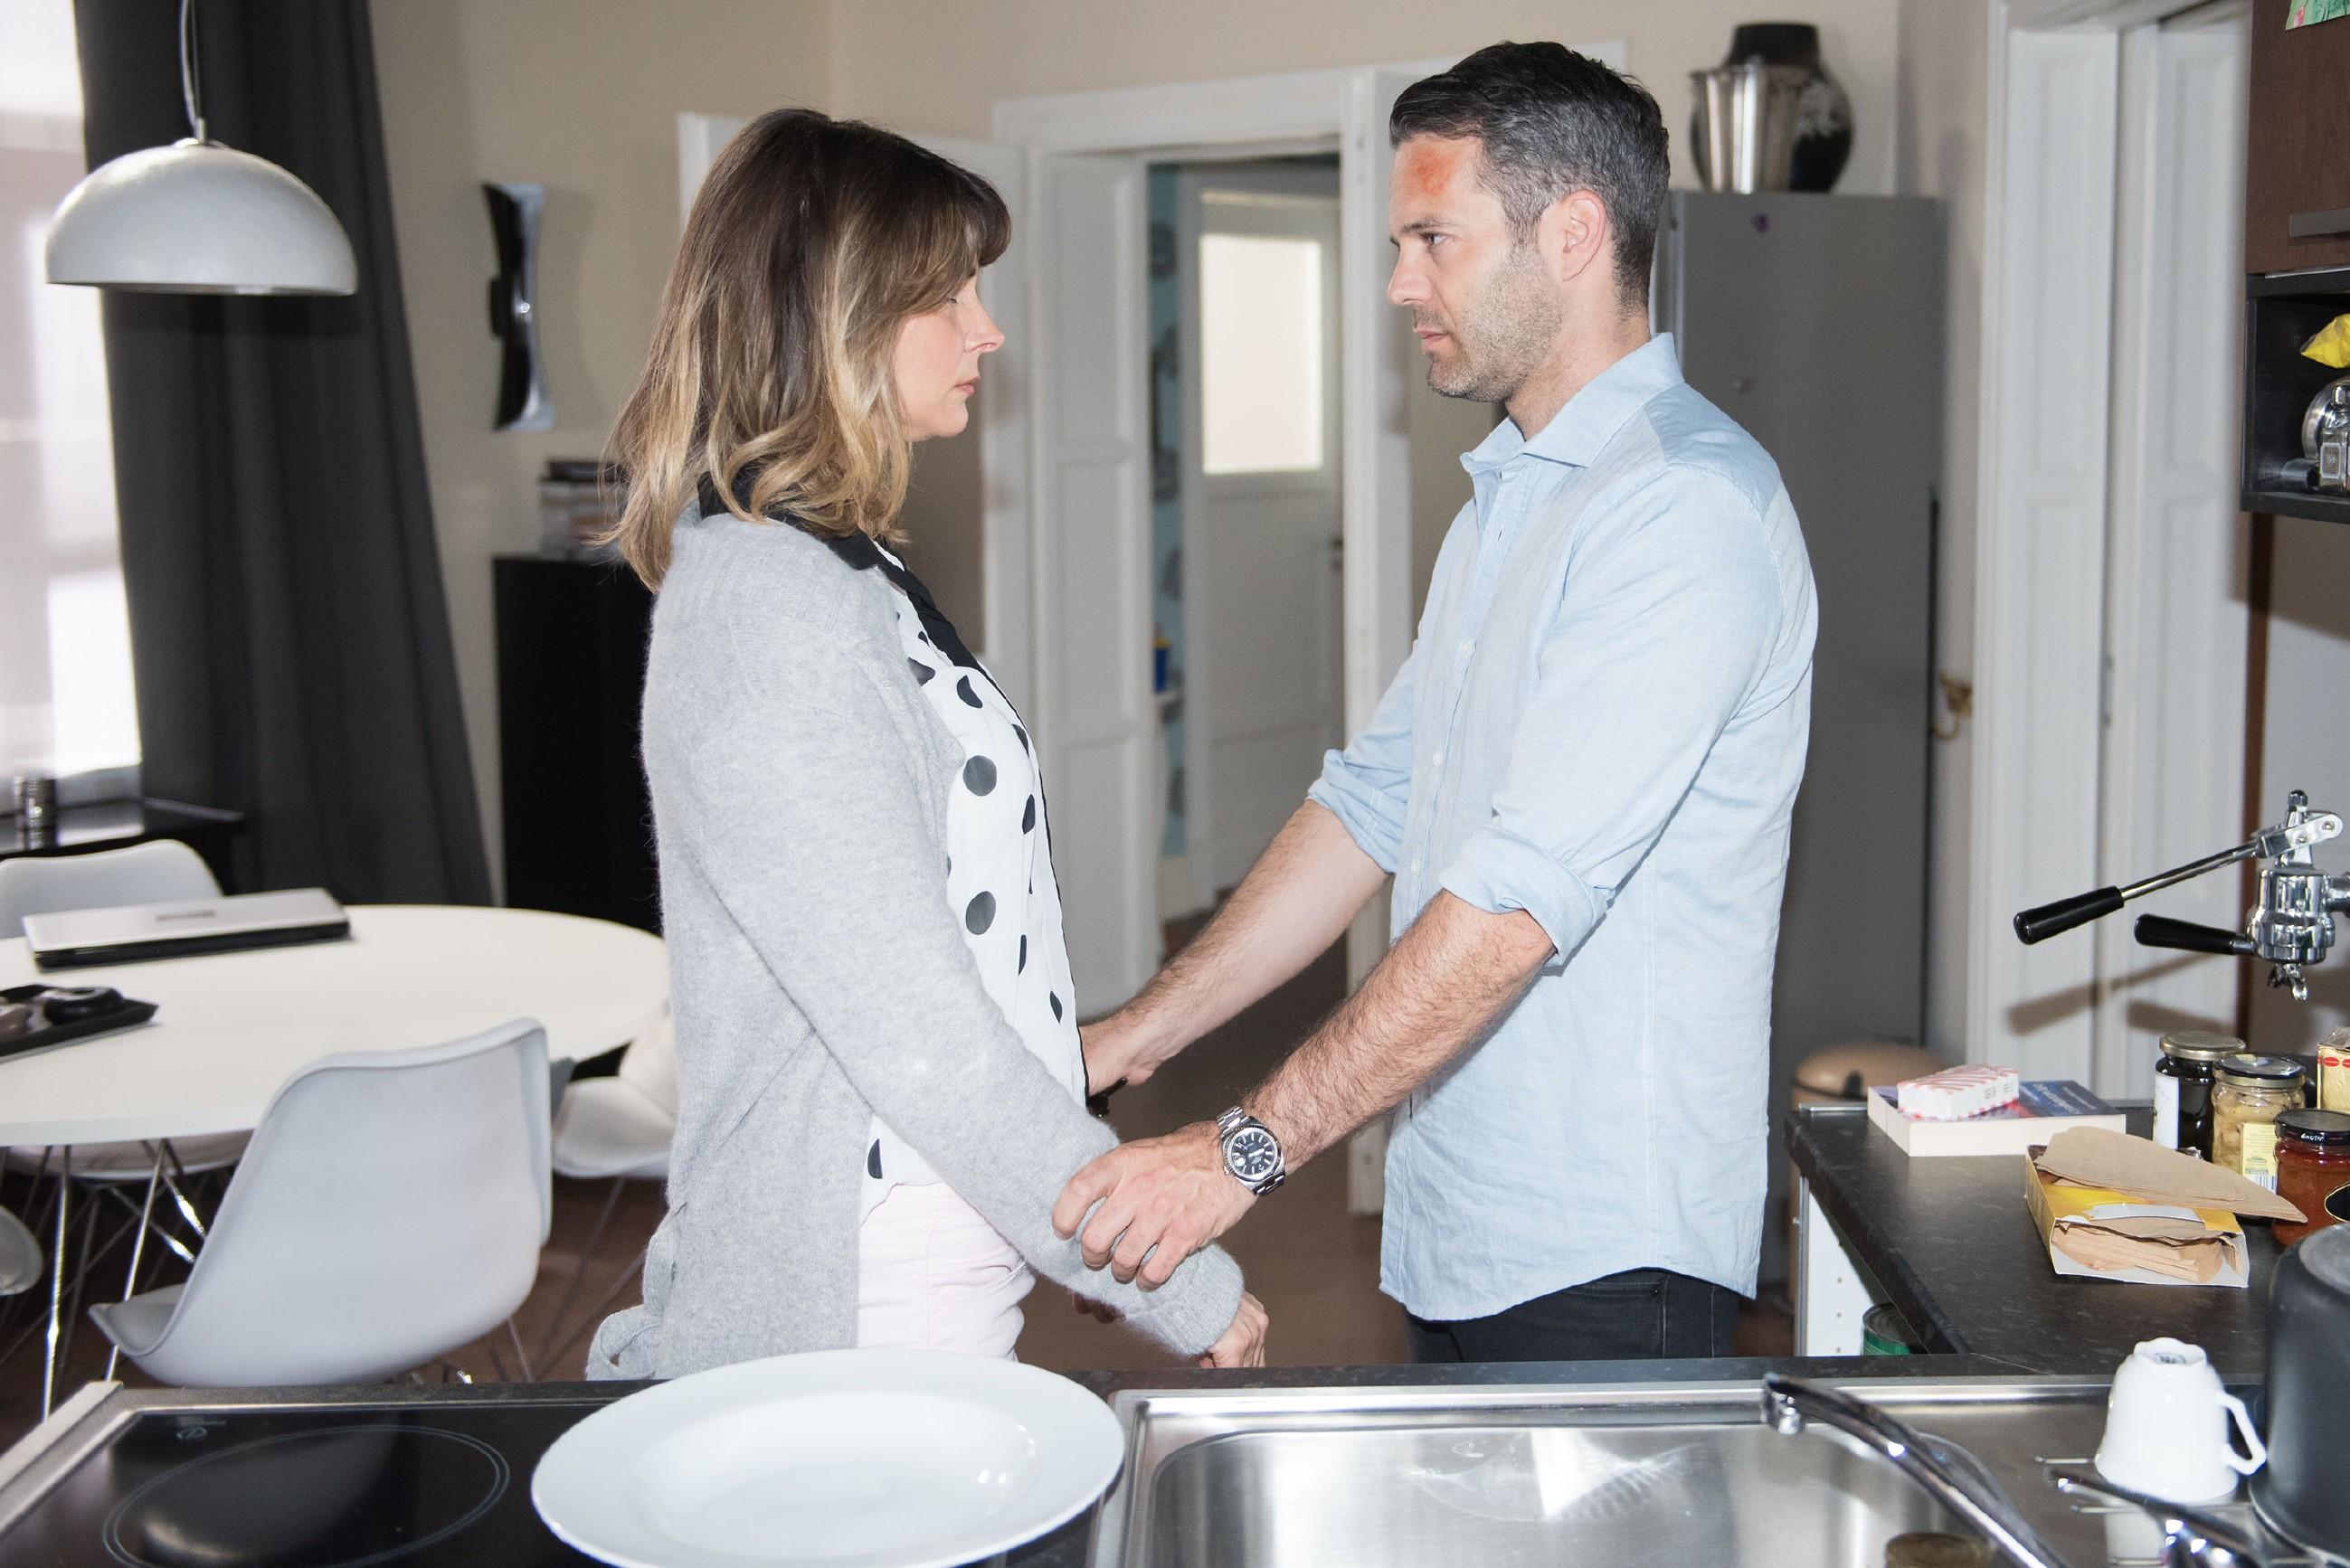 Eva (Claudelle Deckert) will nicht glauben, dass Till (Ben Ruedinger) sie mit Ute betrogen hat. Als ihr klar wird, dass Till nicht scherzt, ist sie außer sich vor Wut... (Quelle: RTL / Stefan Behrens)